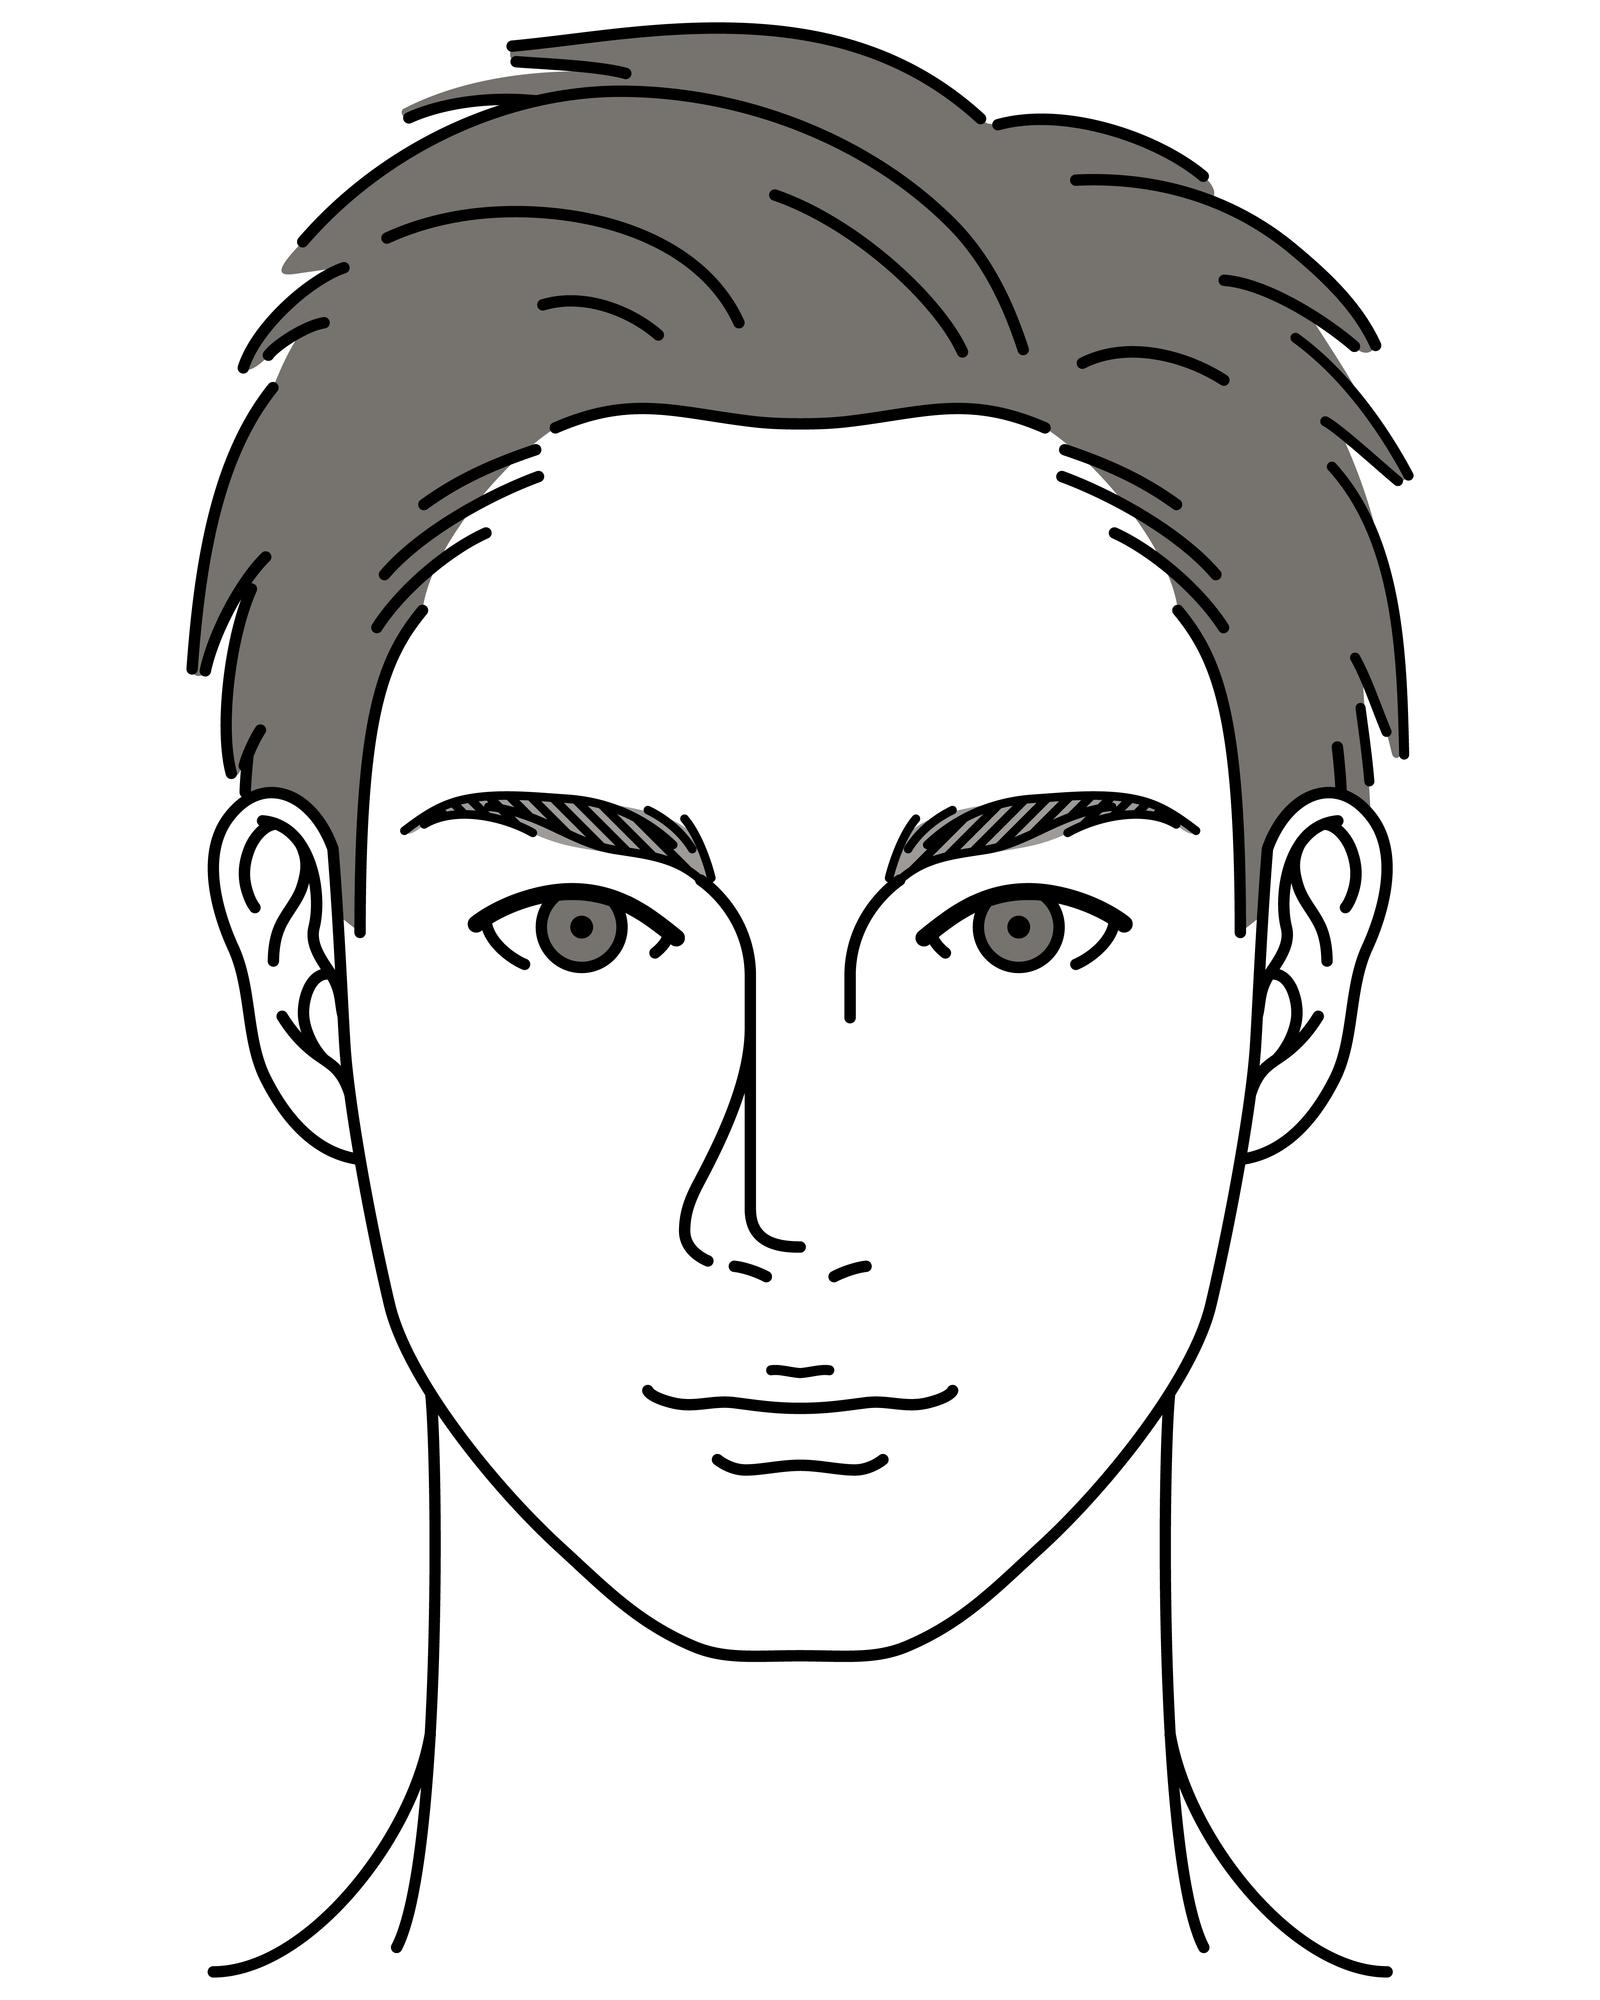 発毛促進薬「カロヤン」の特徴と効果